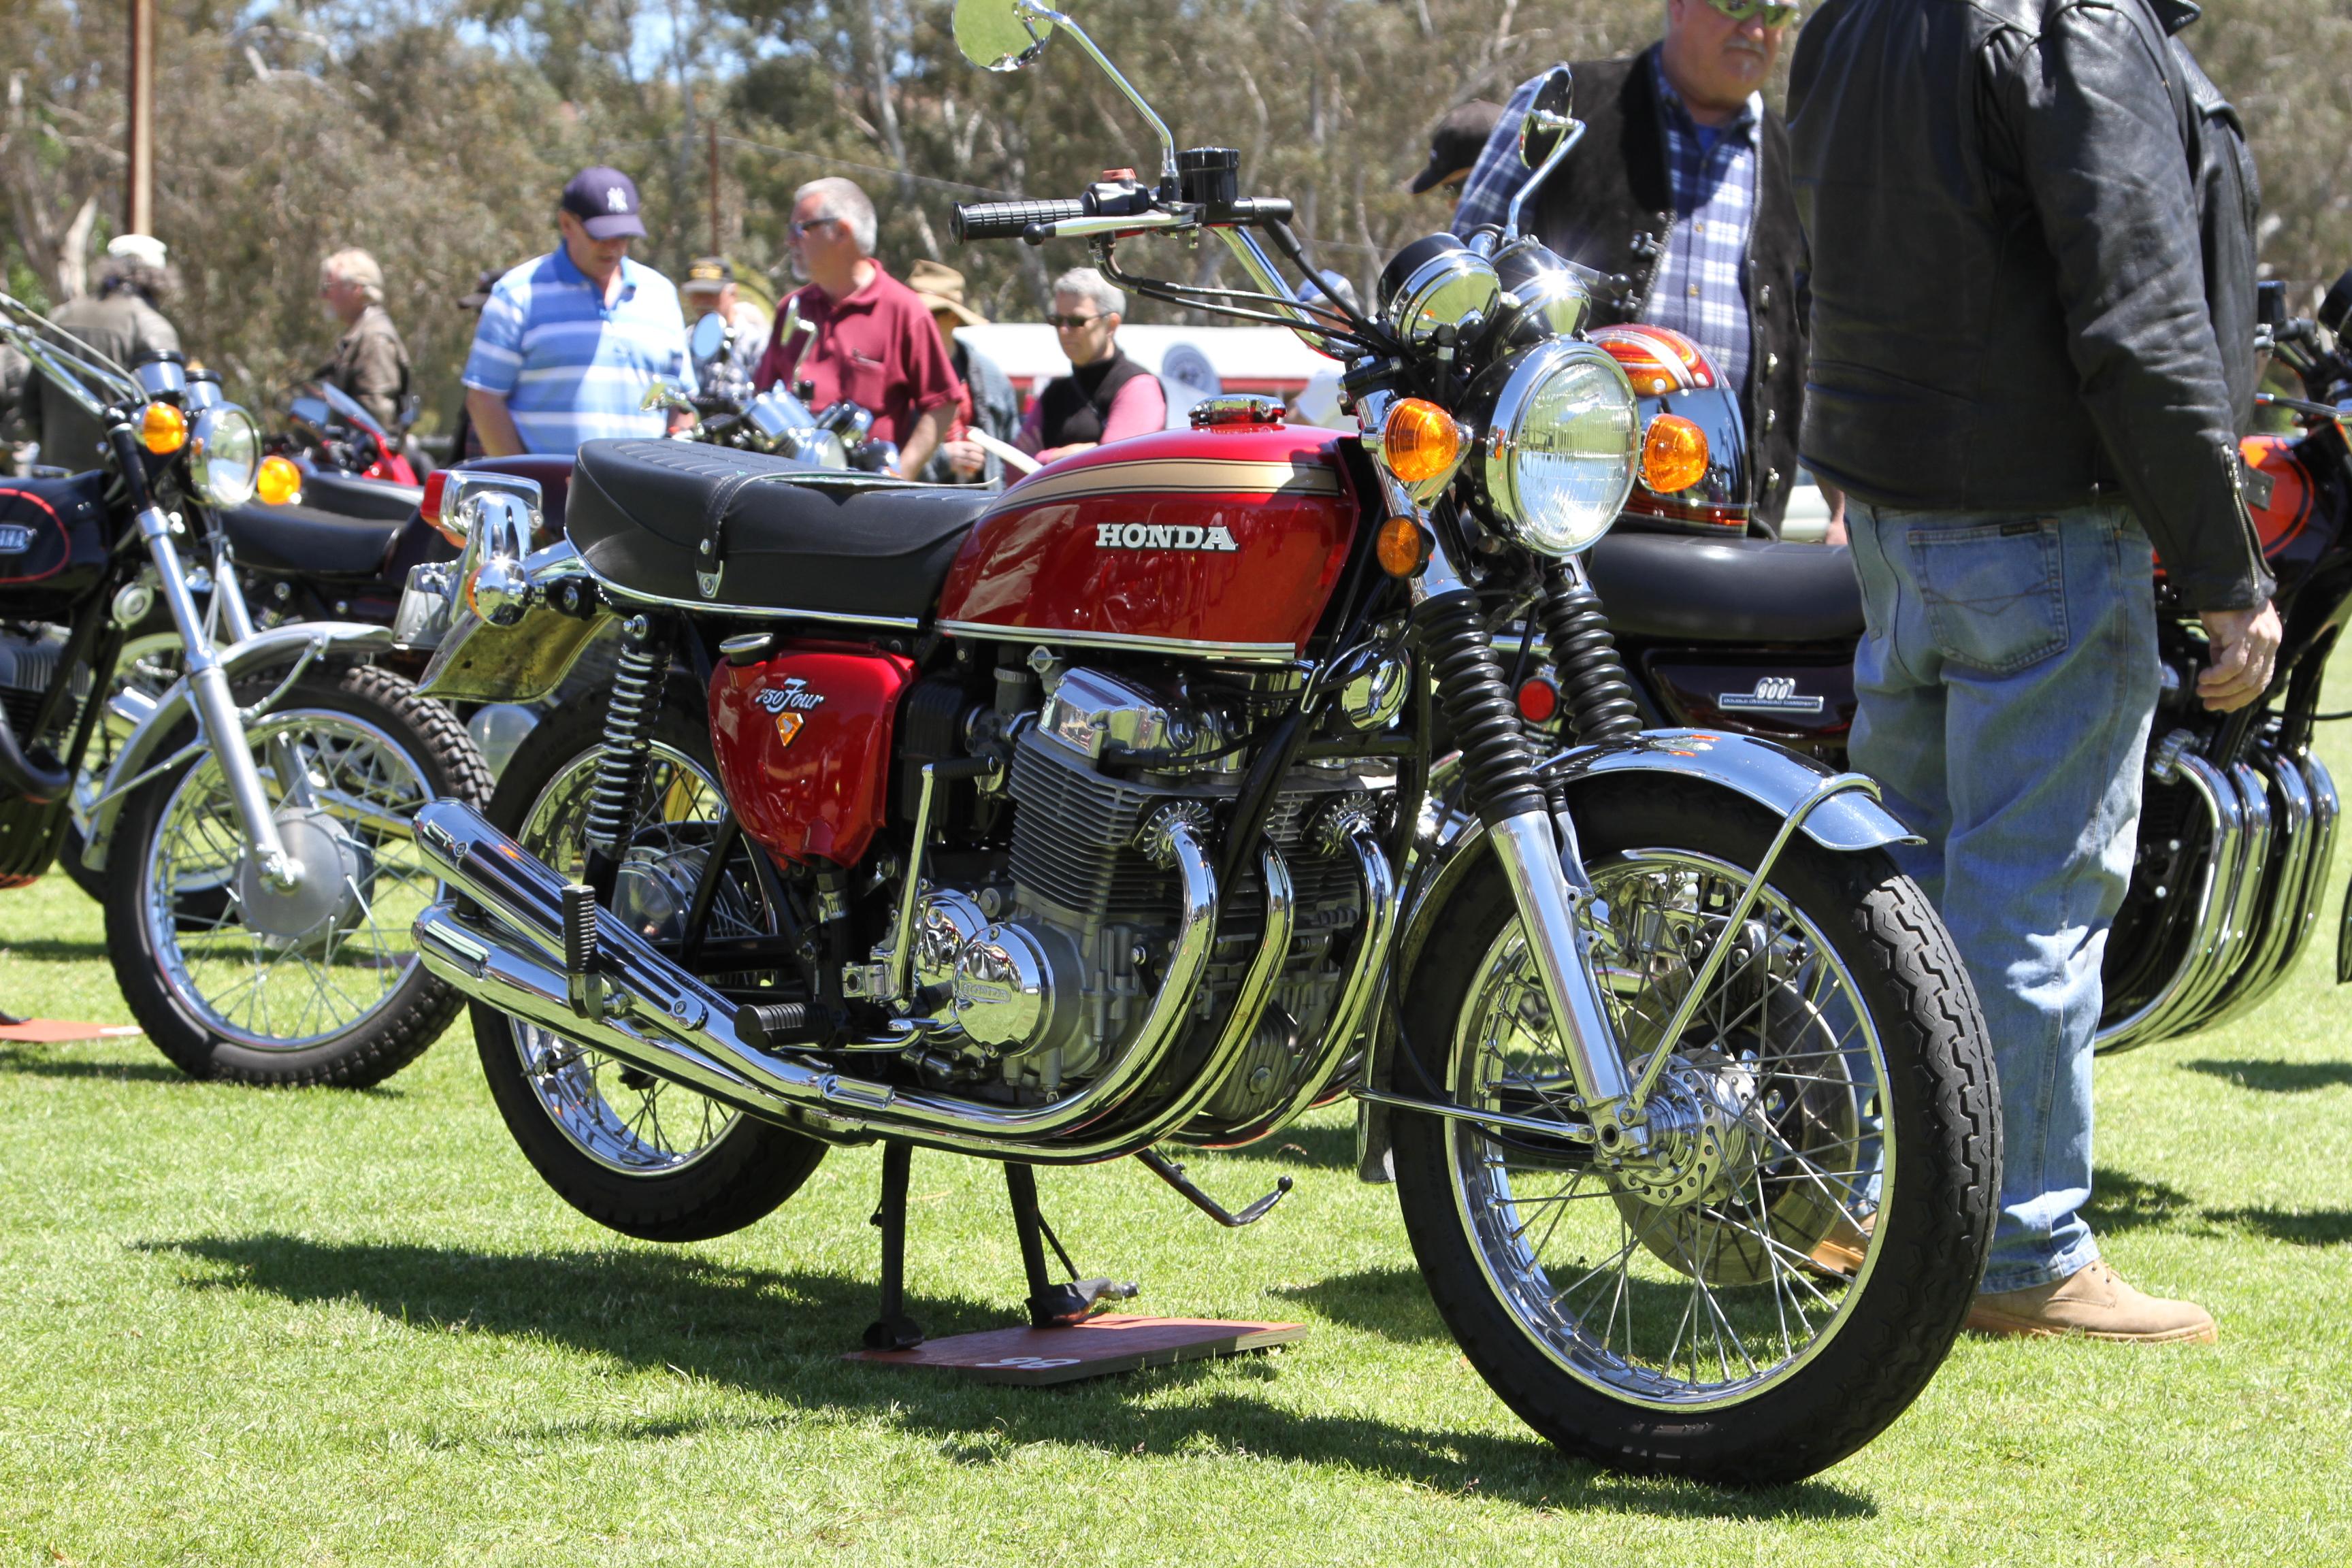 Honda Motorcycle at Event